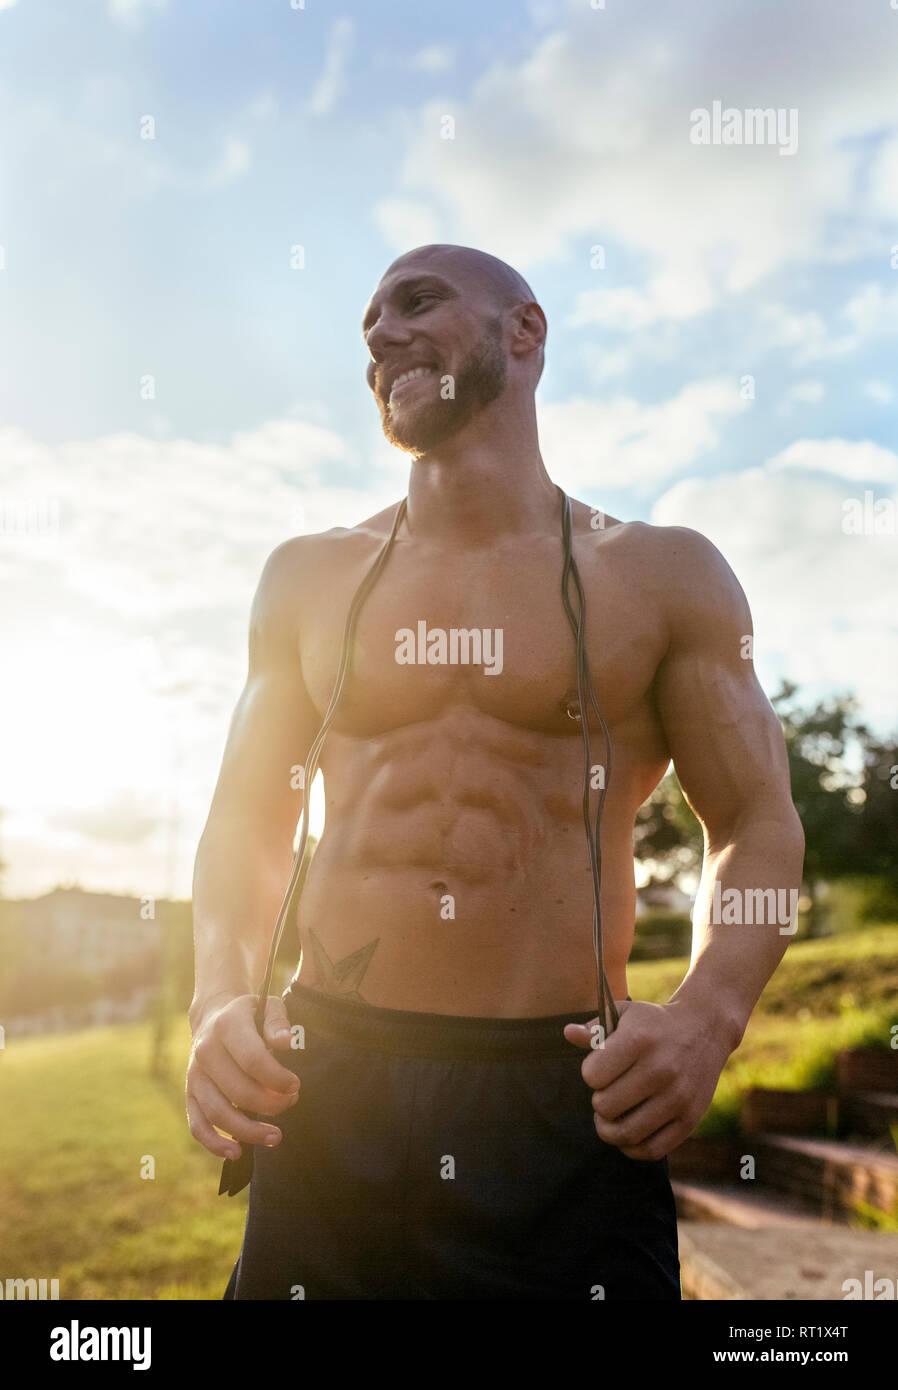 Portrait von lächelnden barechested muskulösen Mann mit Springseil im Freien Stockbild